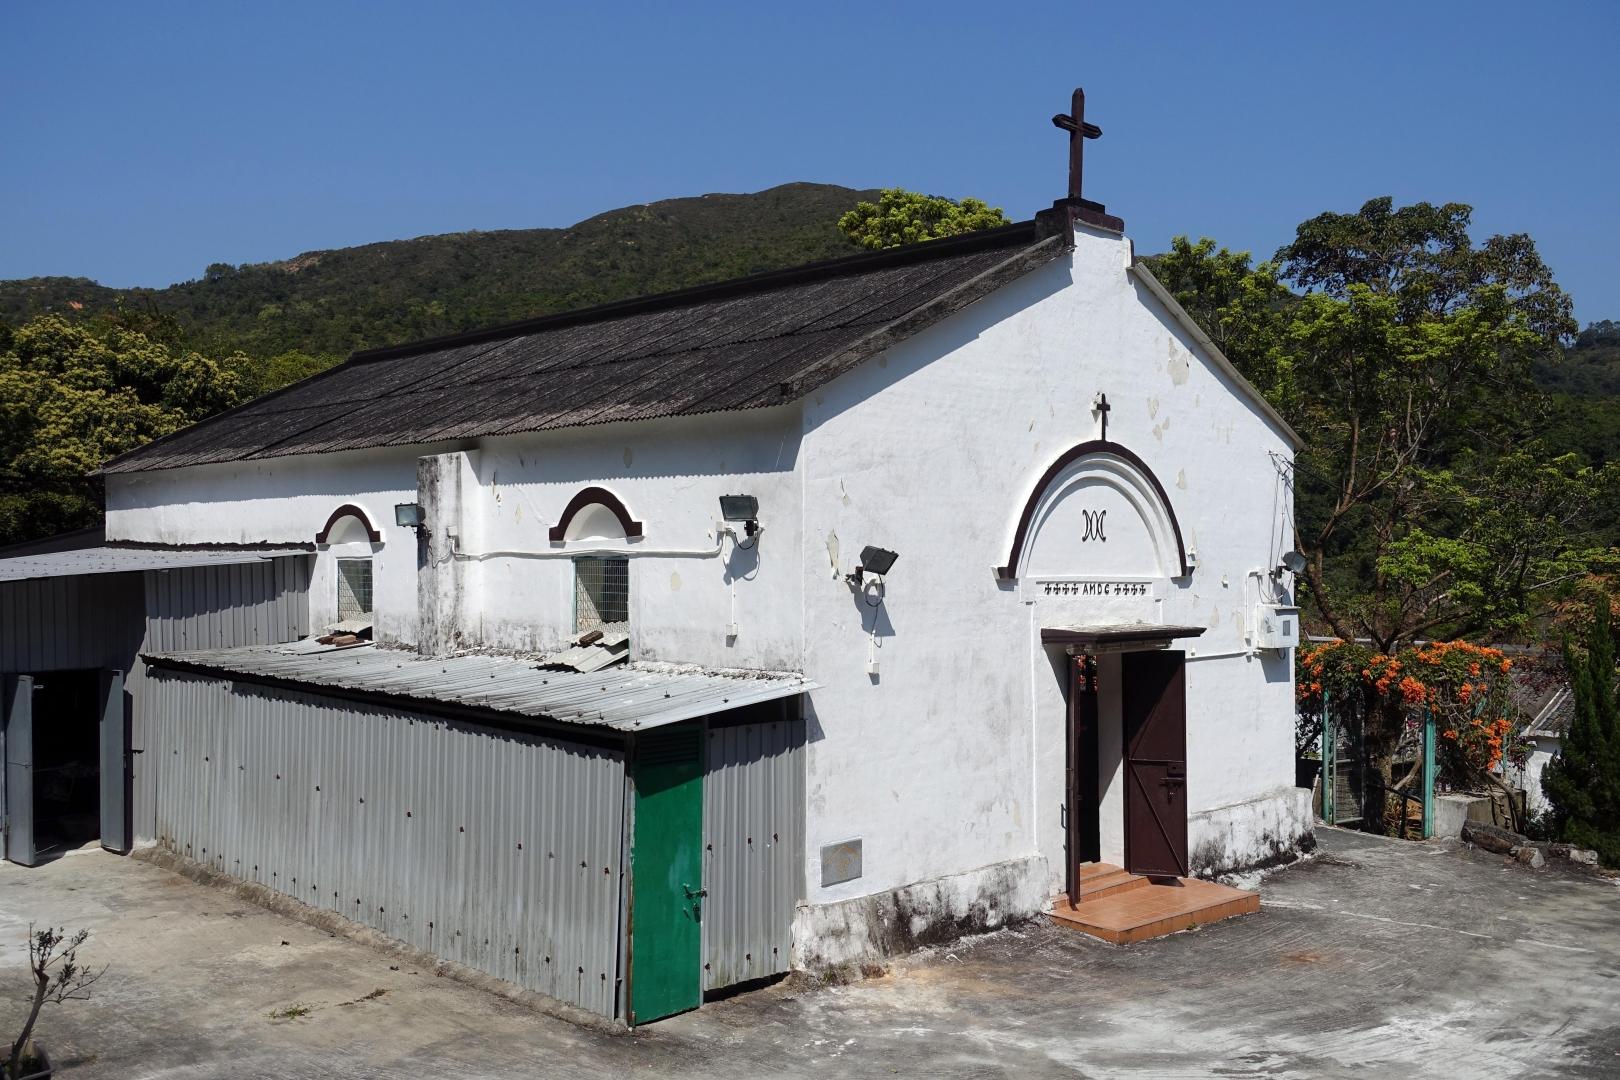 聖母無玷之心小堂的歷史可追溯至1880年,其後經歷重建和重修。